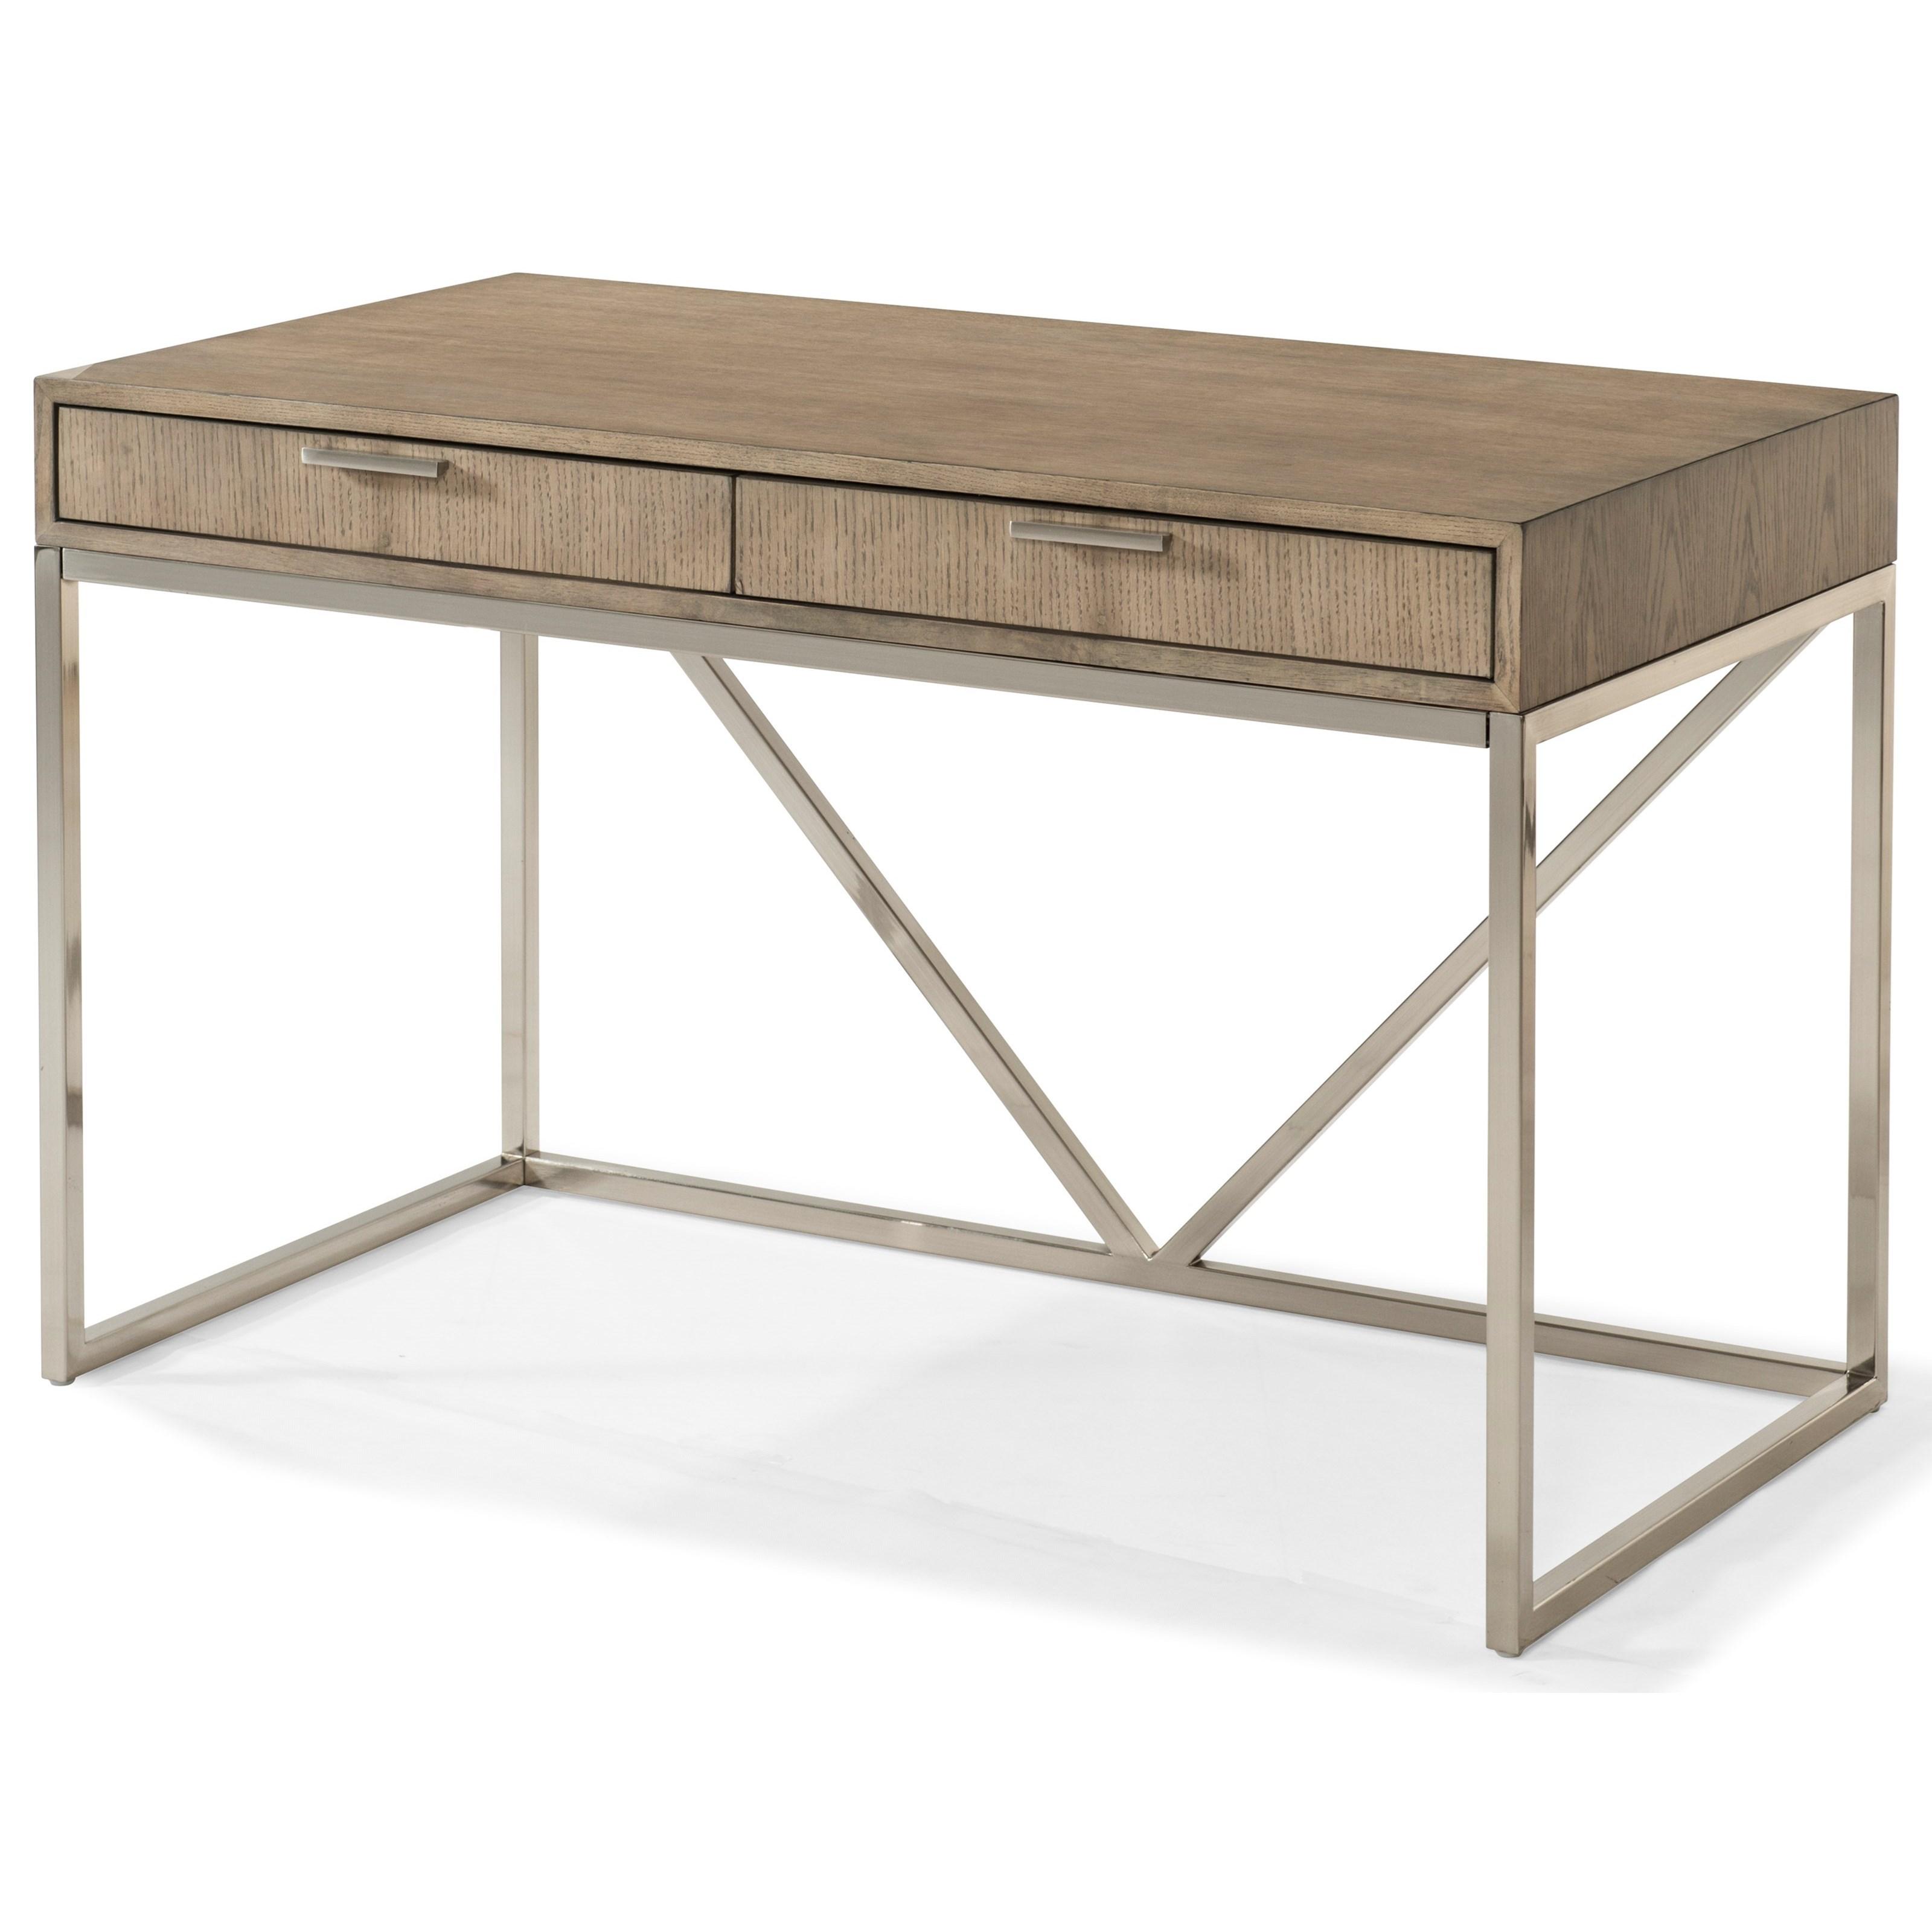 Melbourne Desk by Klaussner International at HomeWorld Furniture